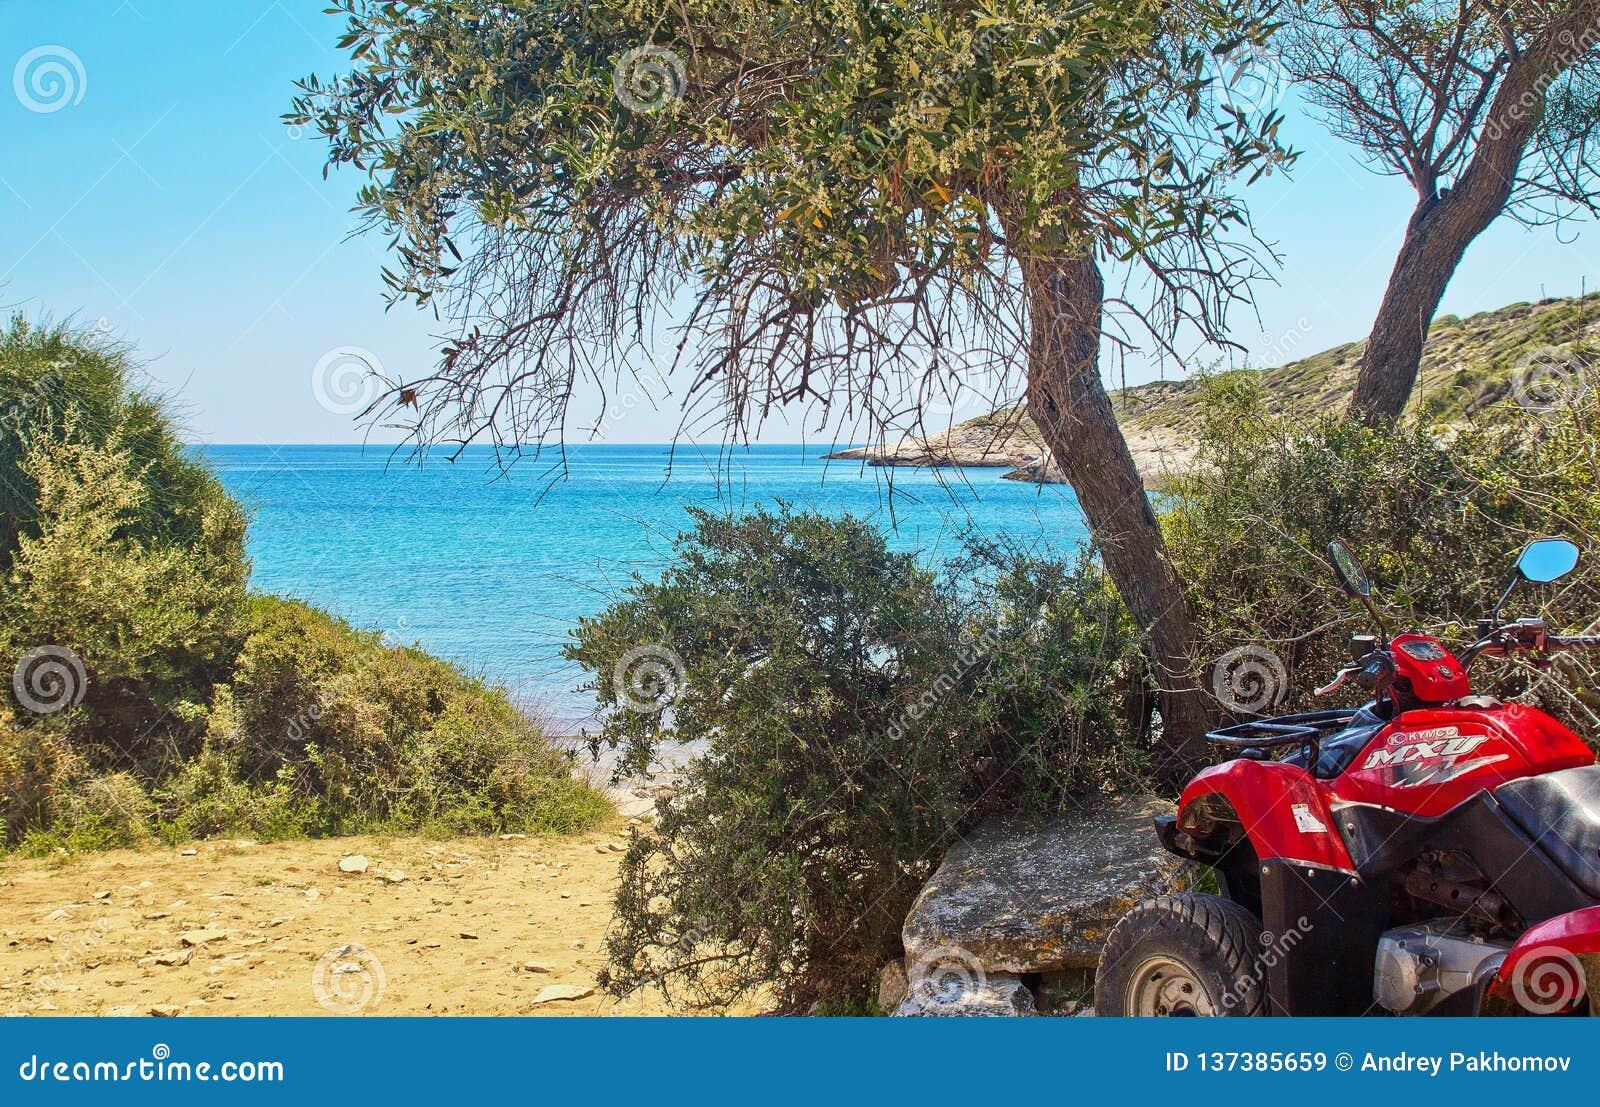 L ATV est garé sur le bord de la mer sur l île de Thassos, Grèce vue du beau paysage